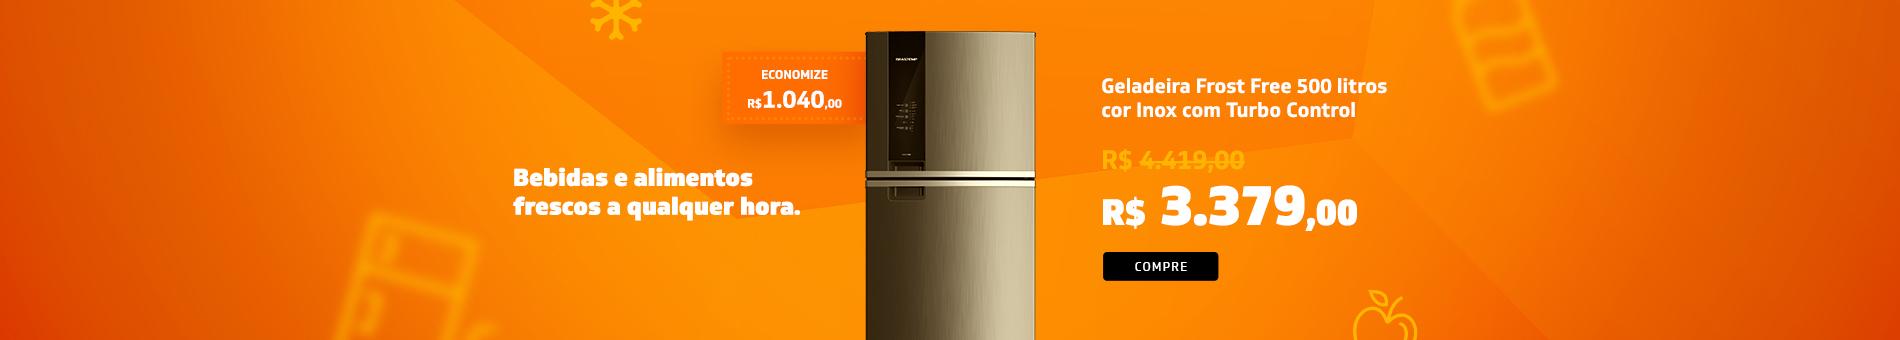 Promoção Interna - 4151 - momentos_BRM57AK-preco_1042020_home4 - BRM57AK-preco - 4